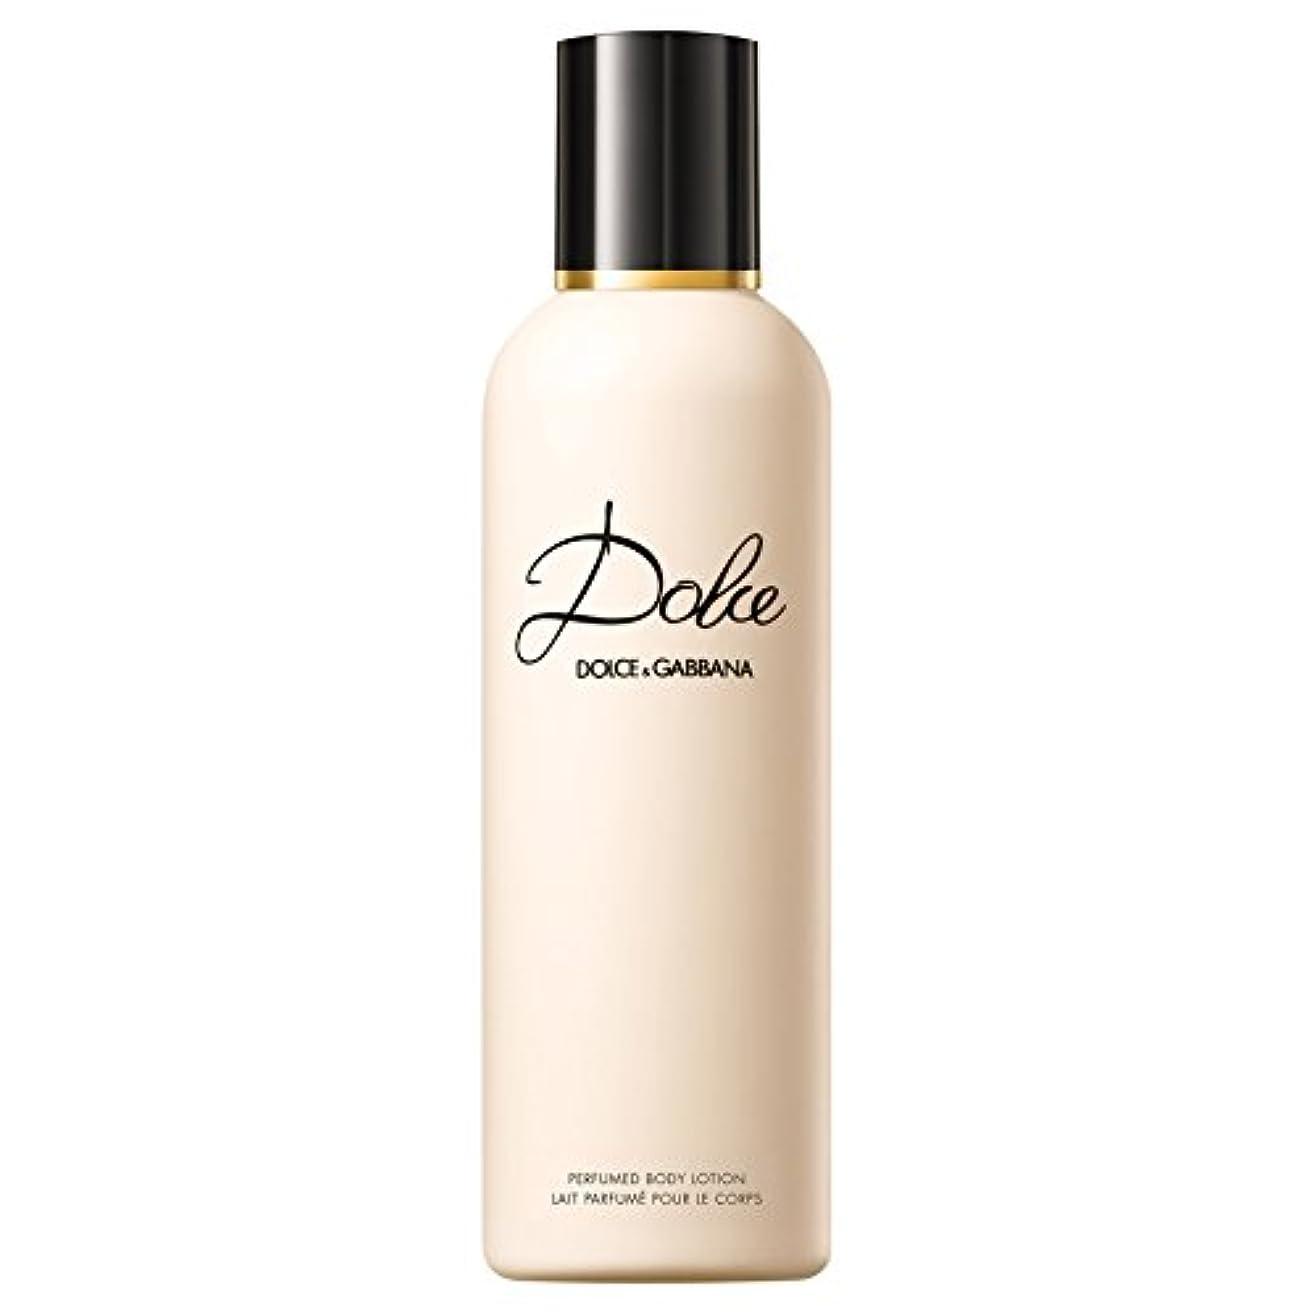 ソビエト逆説病気だと思うドルチェ&ガッバーナドルチェのボディローション200ミリリットル (Dolce & Gabbana) (x6) - Dolce & Gabbana Dolce Body Lotion 200ml (Pack of 6) [並行輸入品]